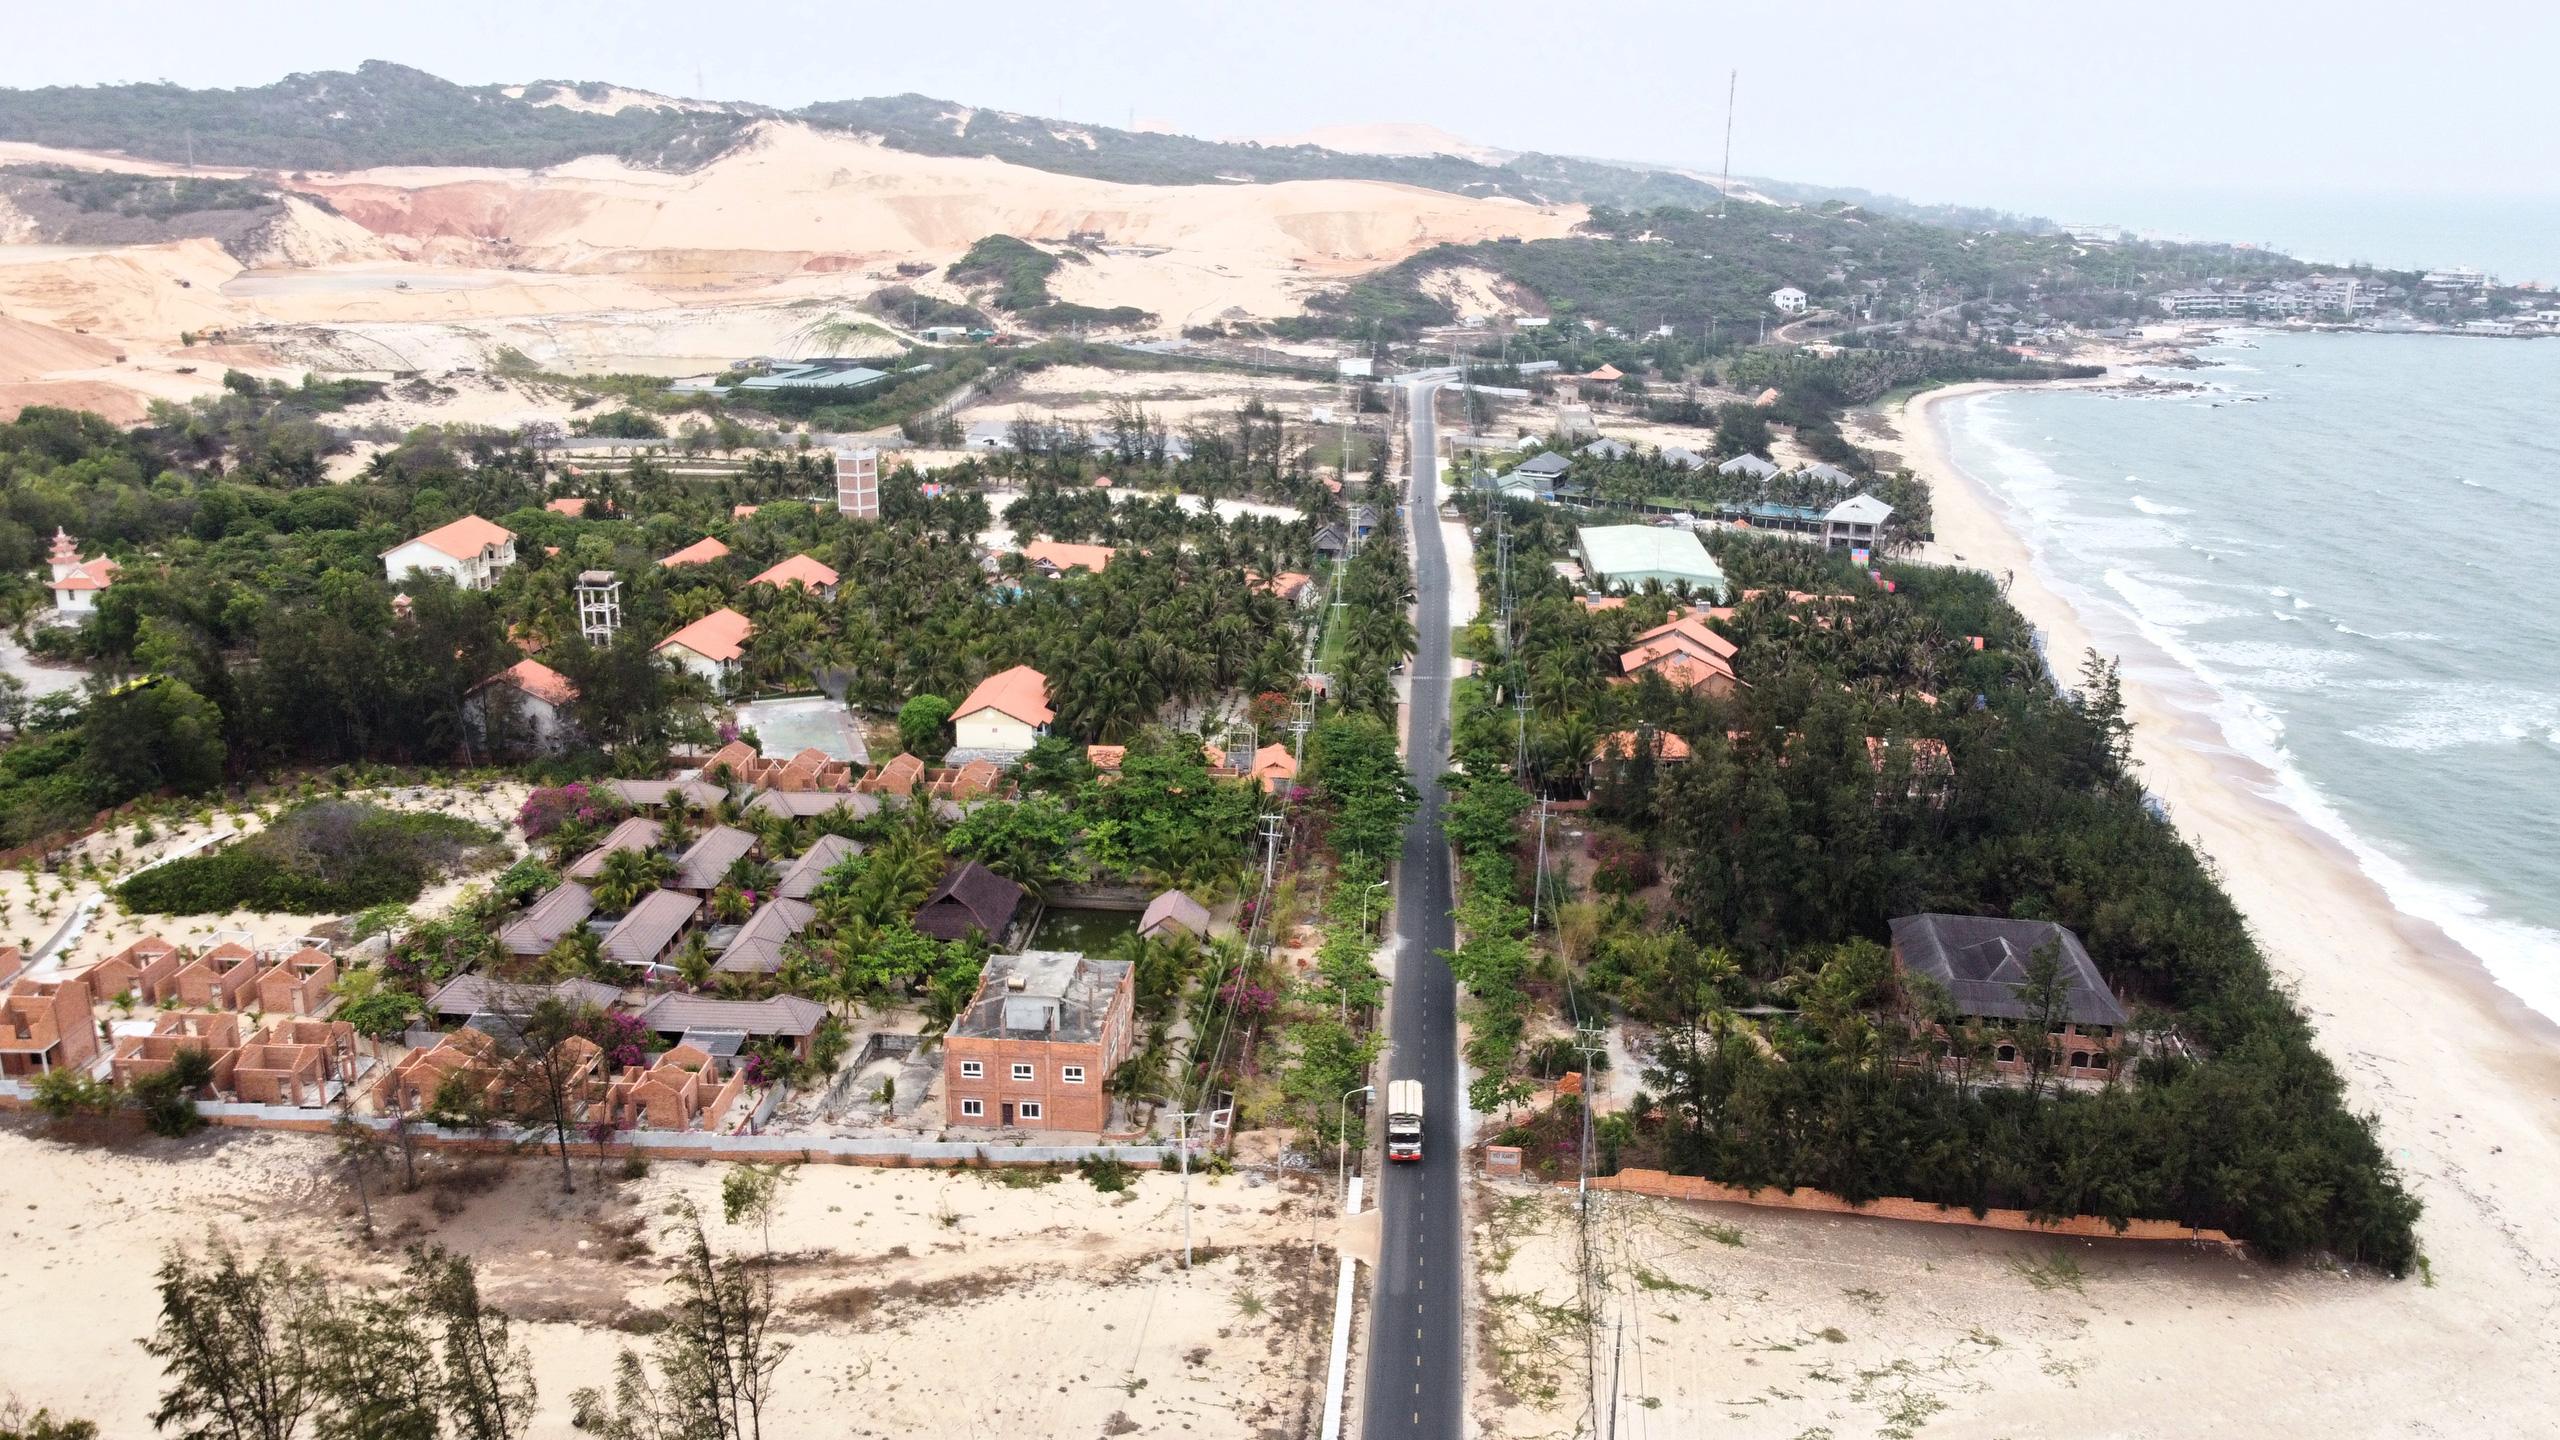 Cận cảnh tuyến đường ven biển ĐT.719 đoạn Phan Thiết - Kê Gà - Ảnh 11.